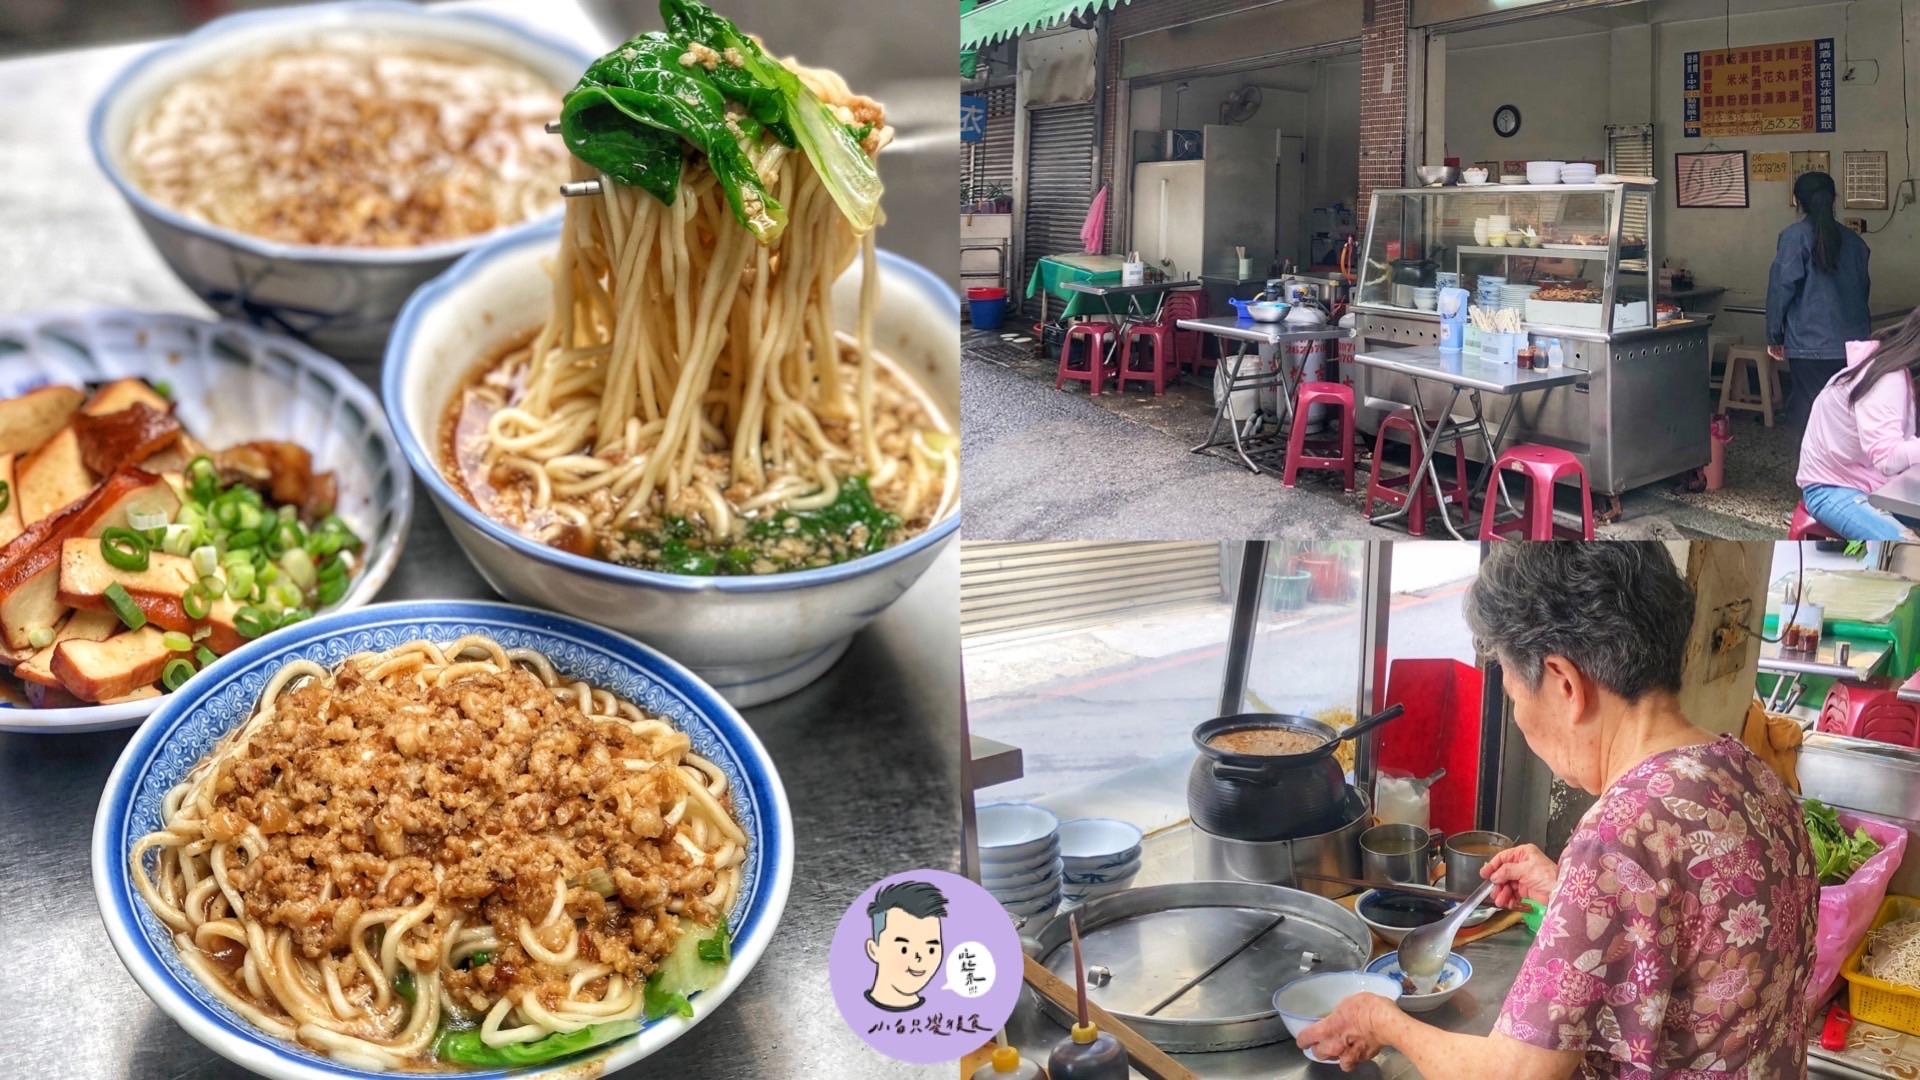 【台南美食】明月麵店 超過50年的阿嬤麵店就隱藏在巷弄中!每碗35元起內行人都吃這間